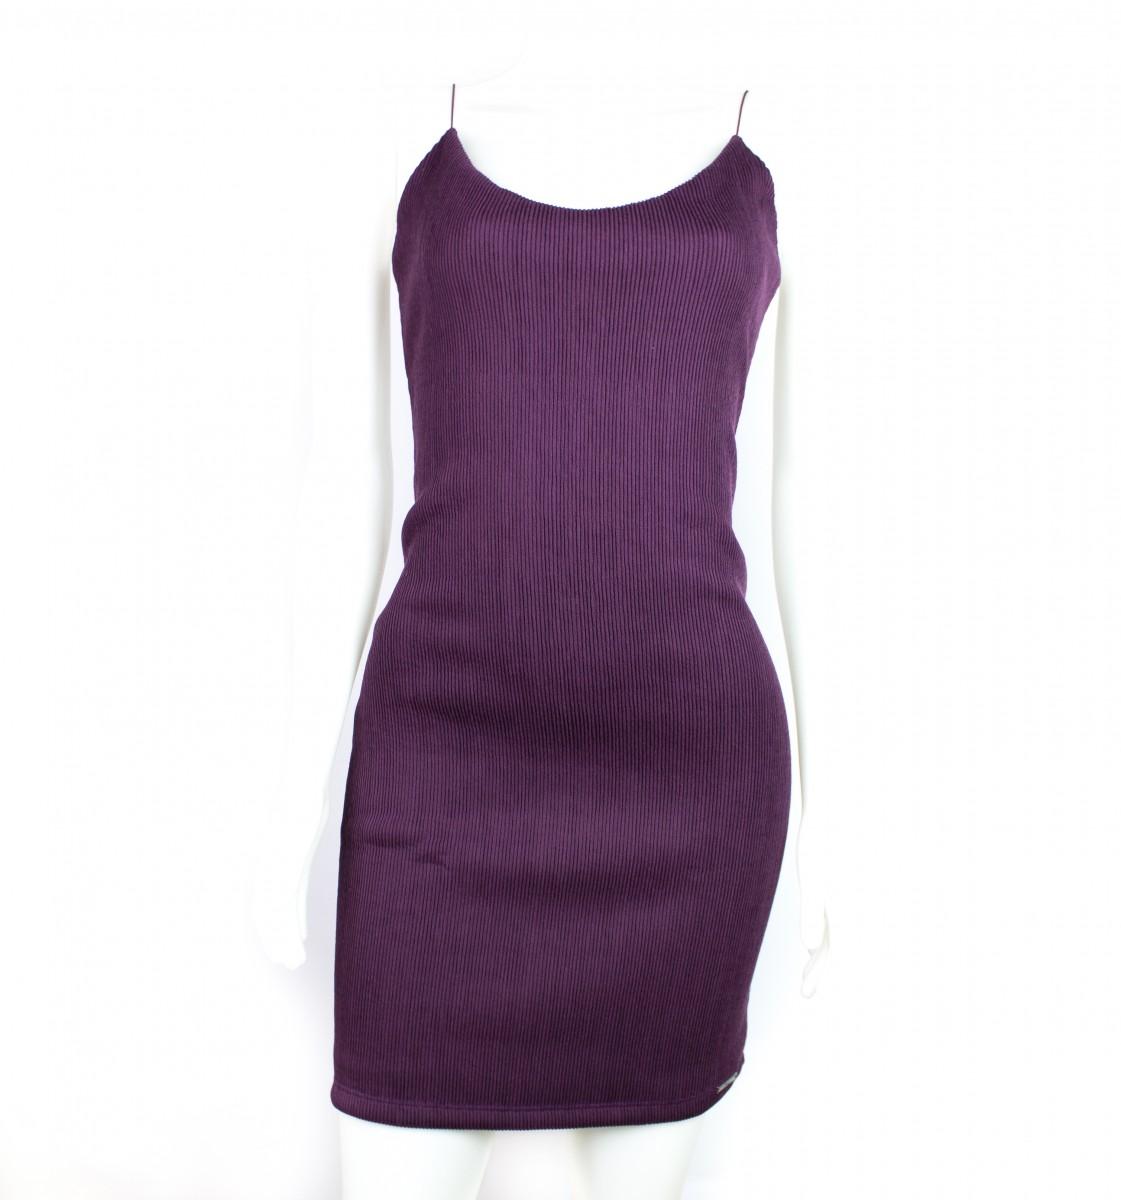 Bizz Store - Vestido Feminino Osmoze Curto Com Alças Preto Roxo d2d4877dcf